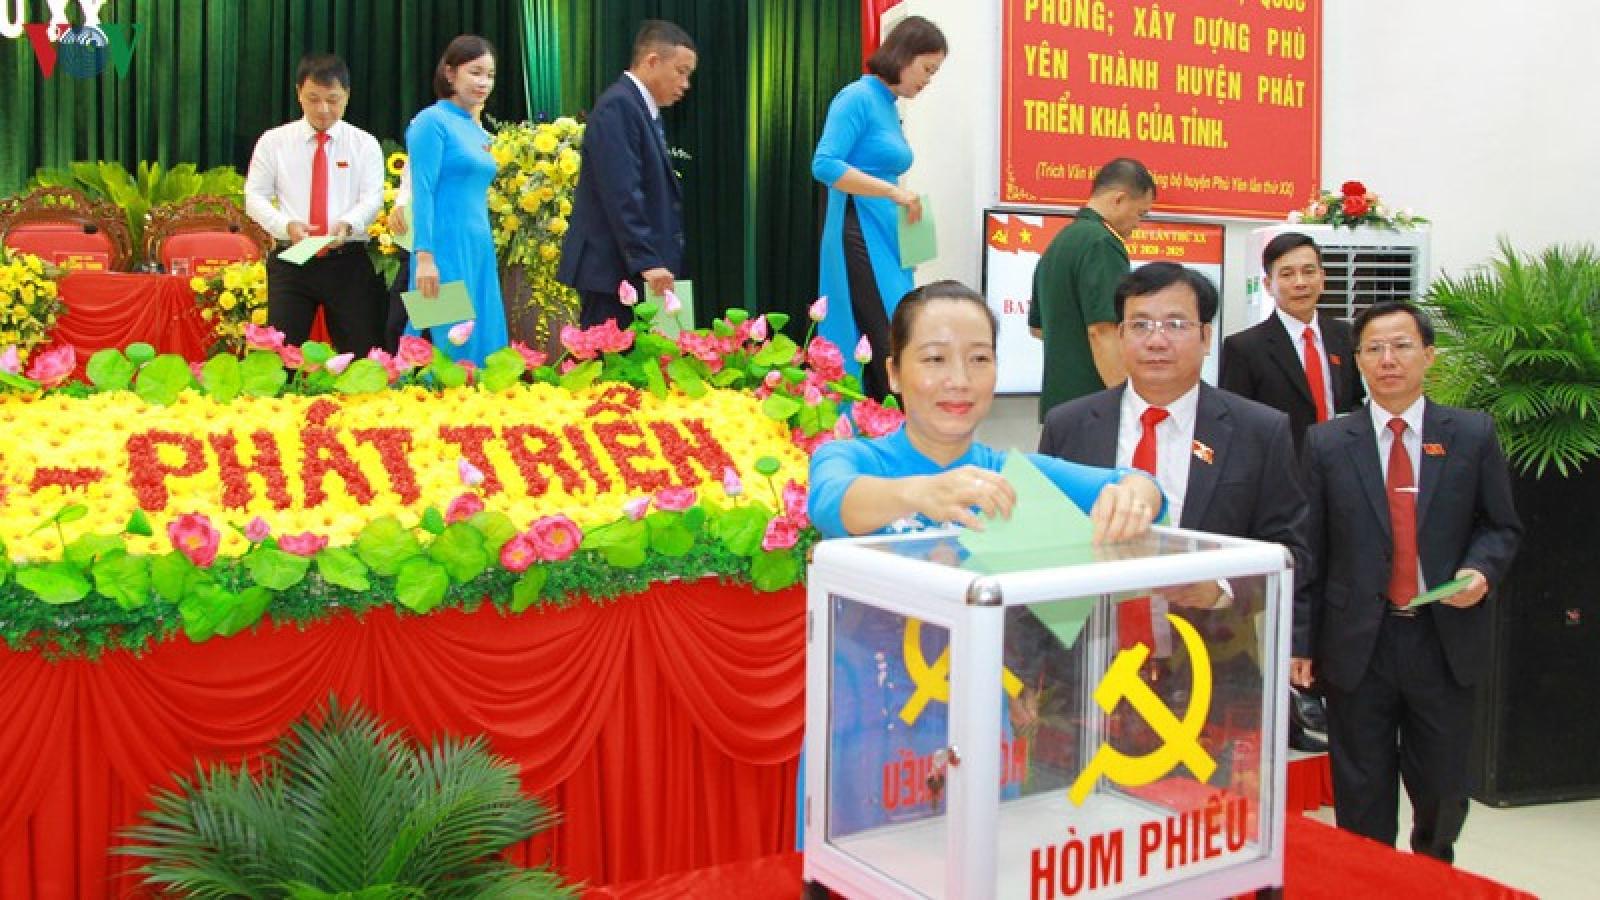 Bà Lương Thị Như Hoa tái đắc cử Bí thư Huyện ủy Phù Yên, Sơn La